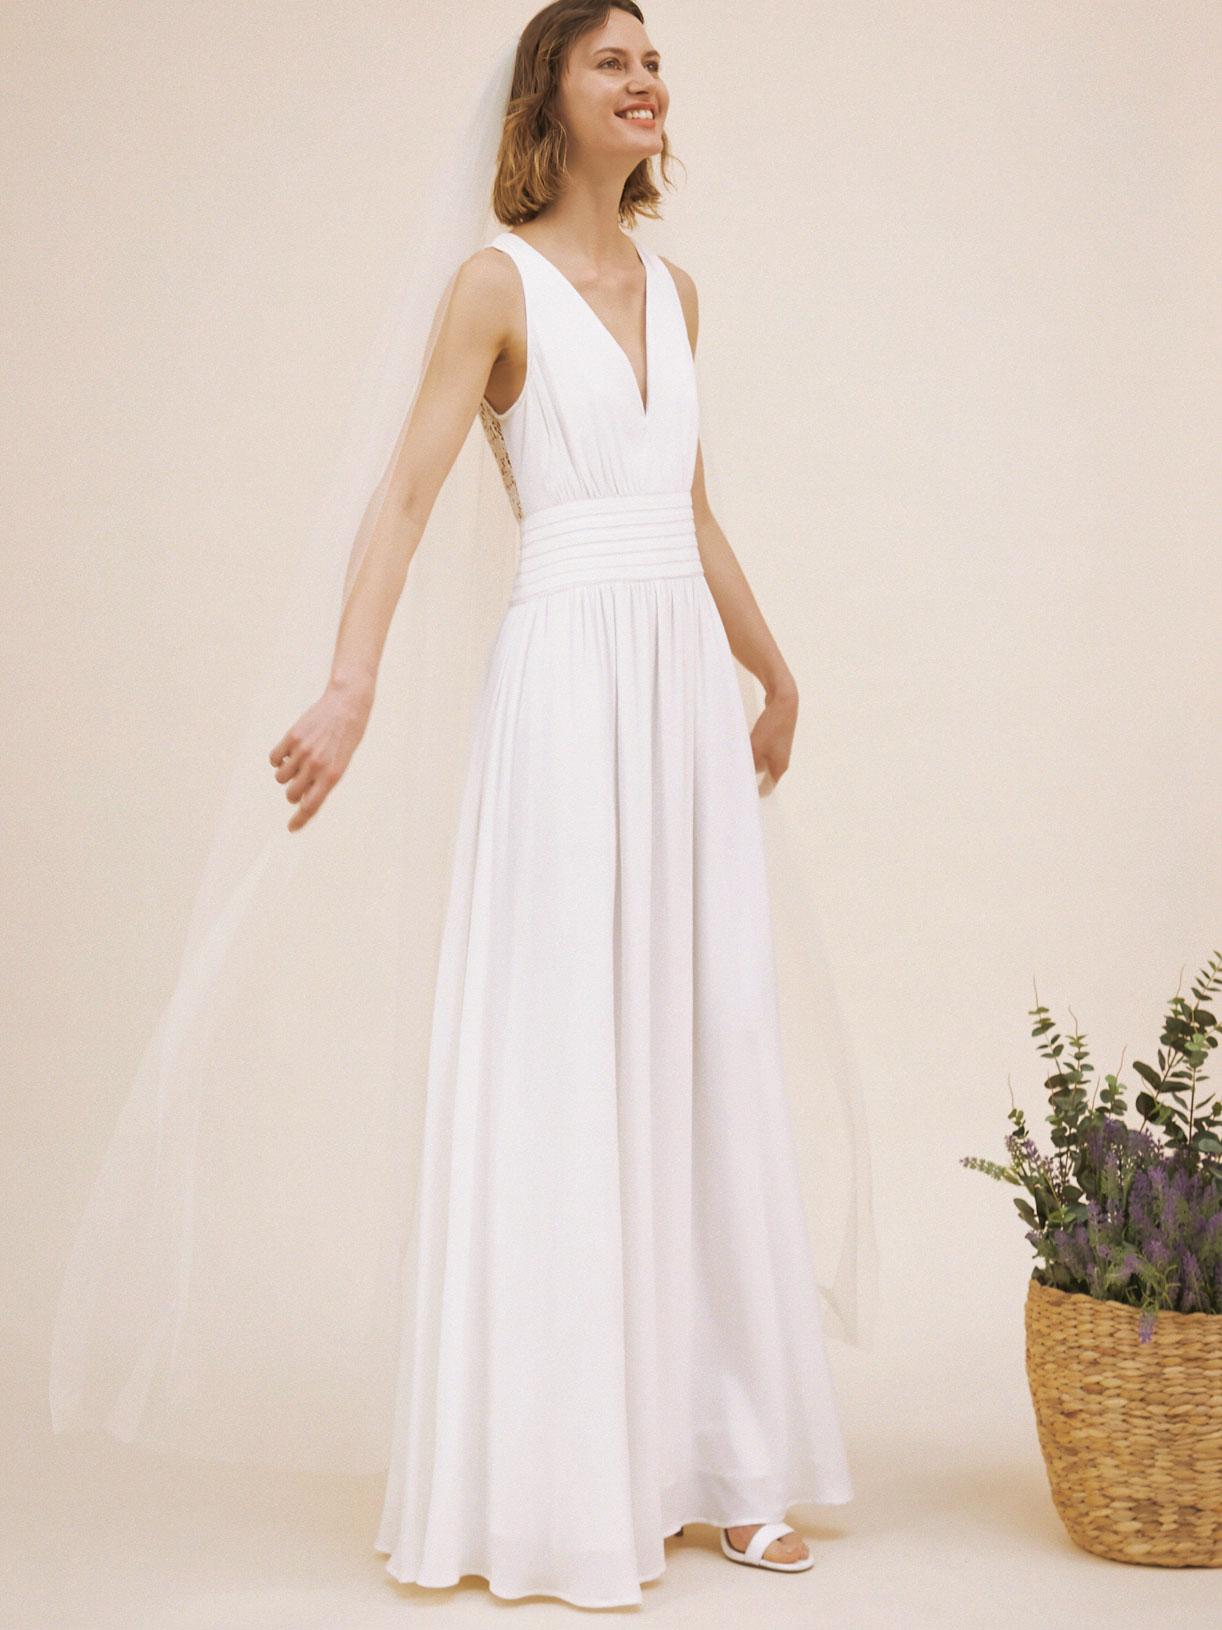 Robe de mariée dos nu en dentelle écoresponsable - Creatrice de robe de mariée éthique et bio a Paris - Myphilosophy